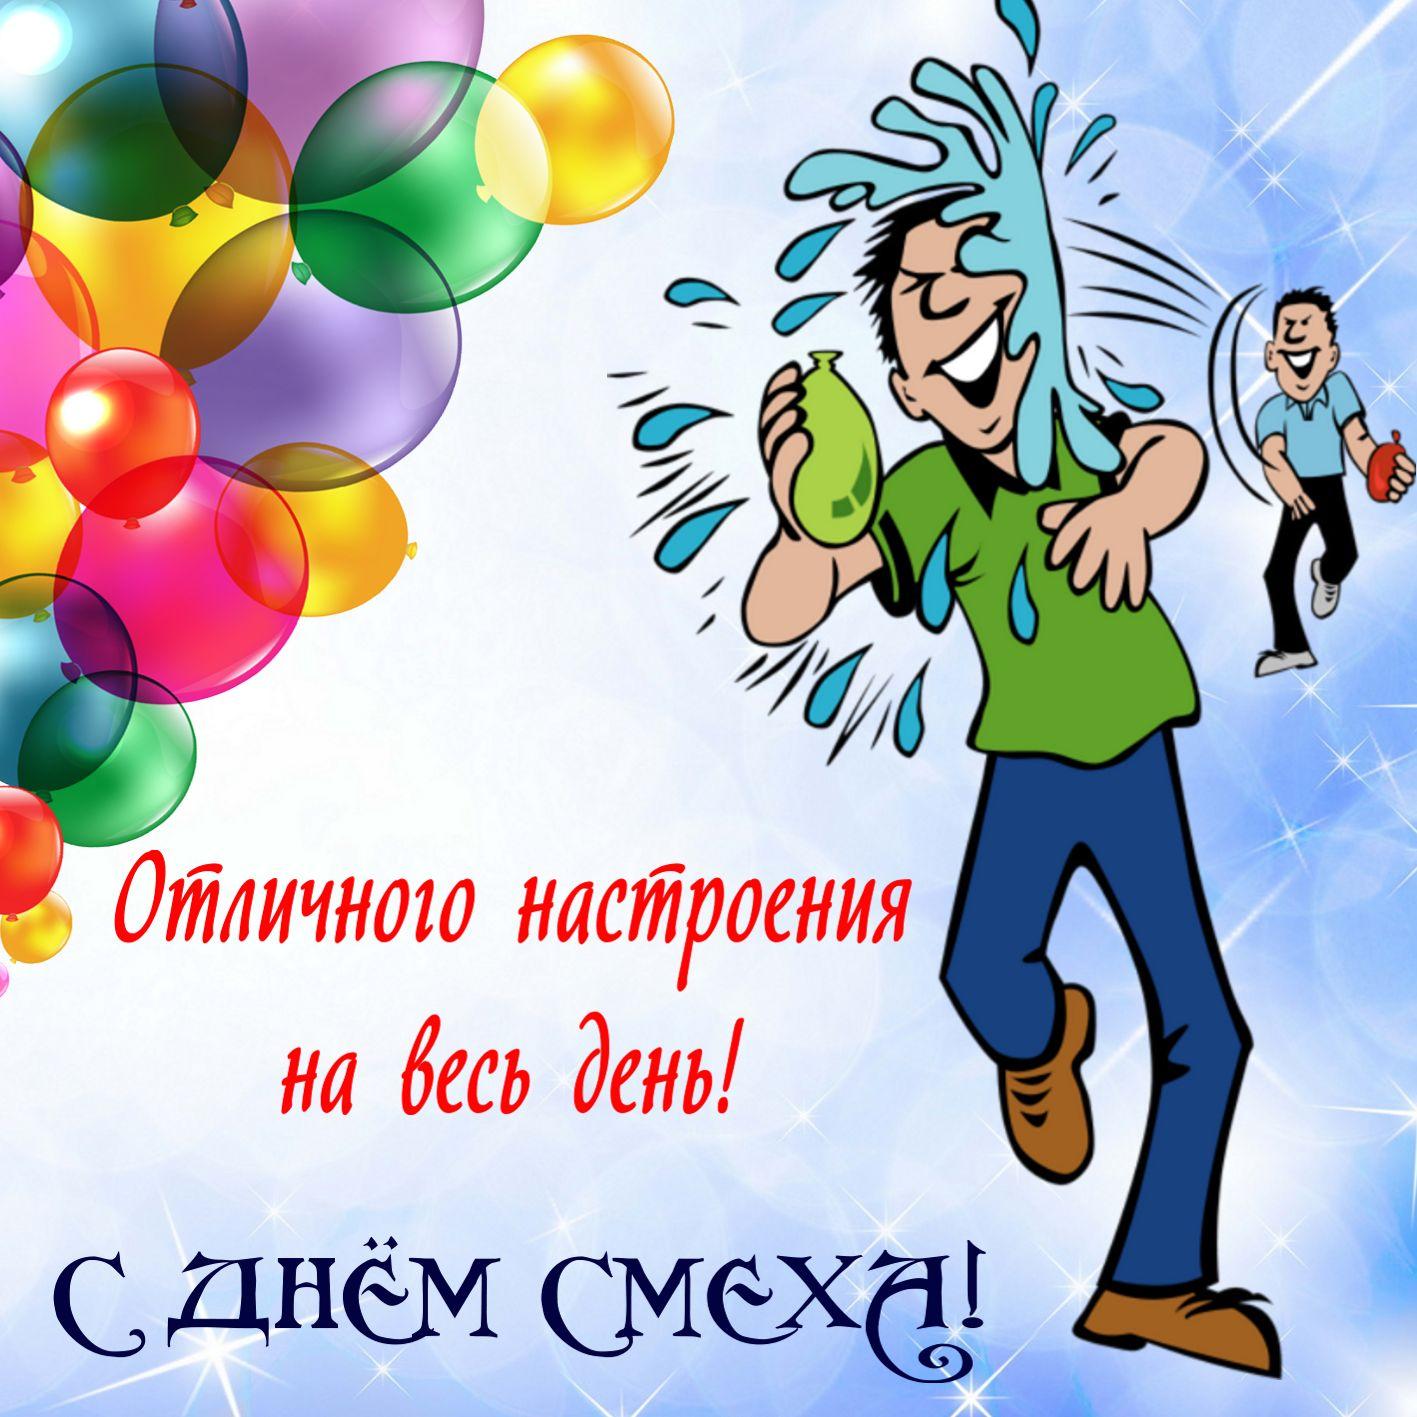 Веселые поздравления и розыгрыши